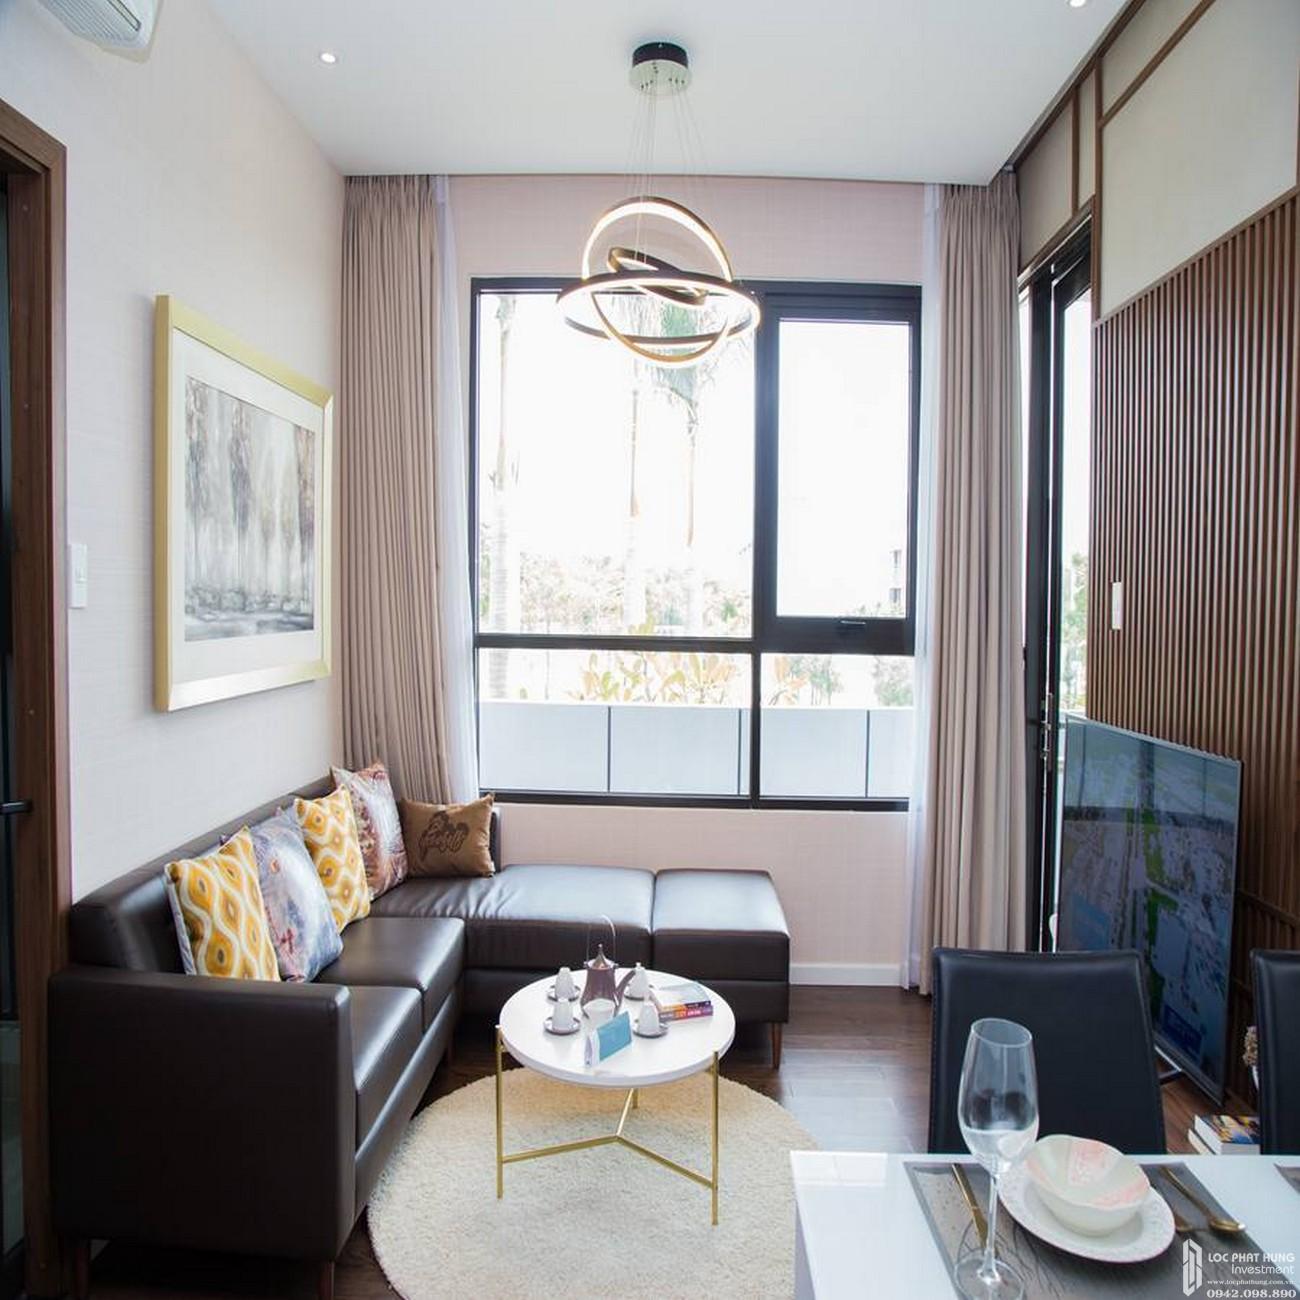 Nội thất dự án căn hộ chung cư Mizuki Park Bình Chánh Đường Nguyễn Văn Linh chủ đầu tư Nam Long